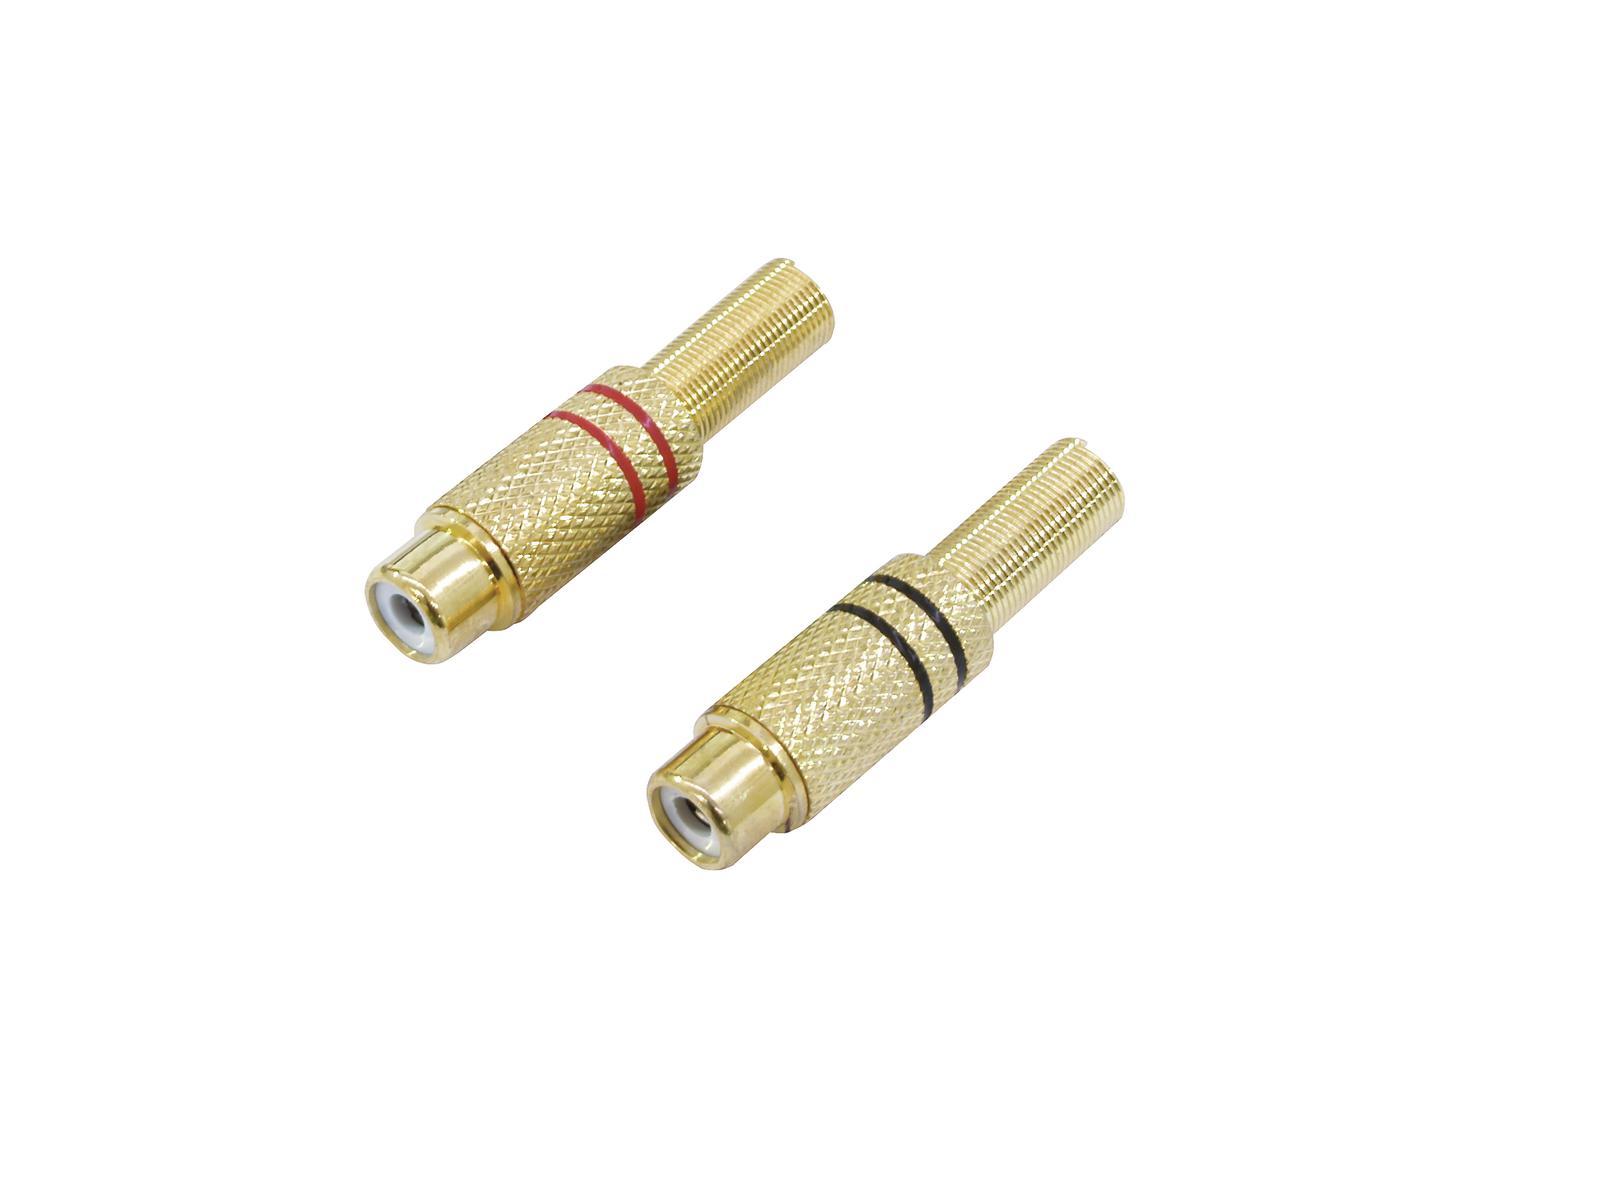 OMNITRONIC presa RCA placcati in oro 5.4 mm 2x